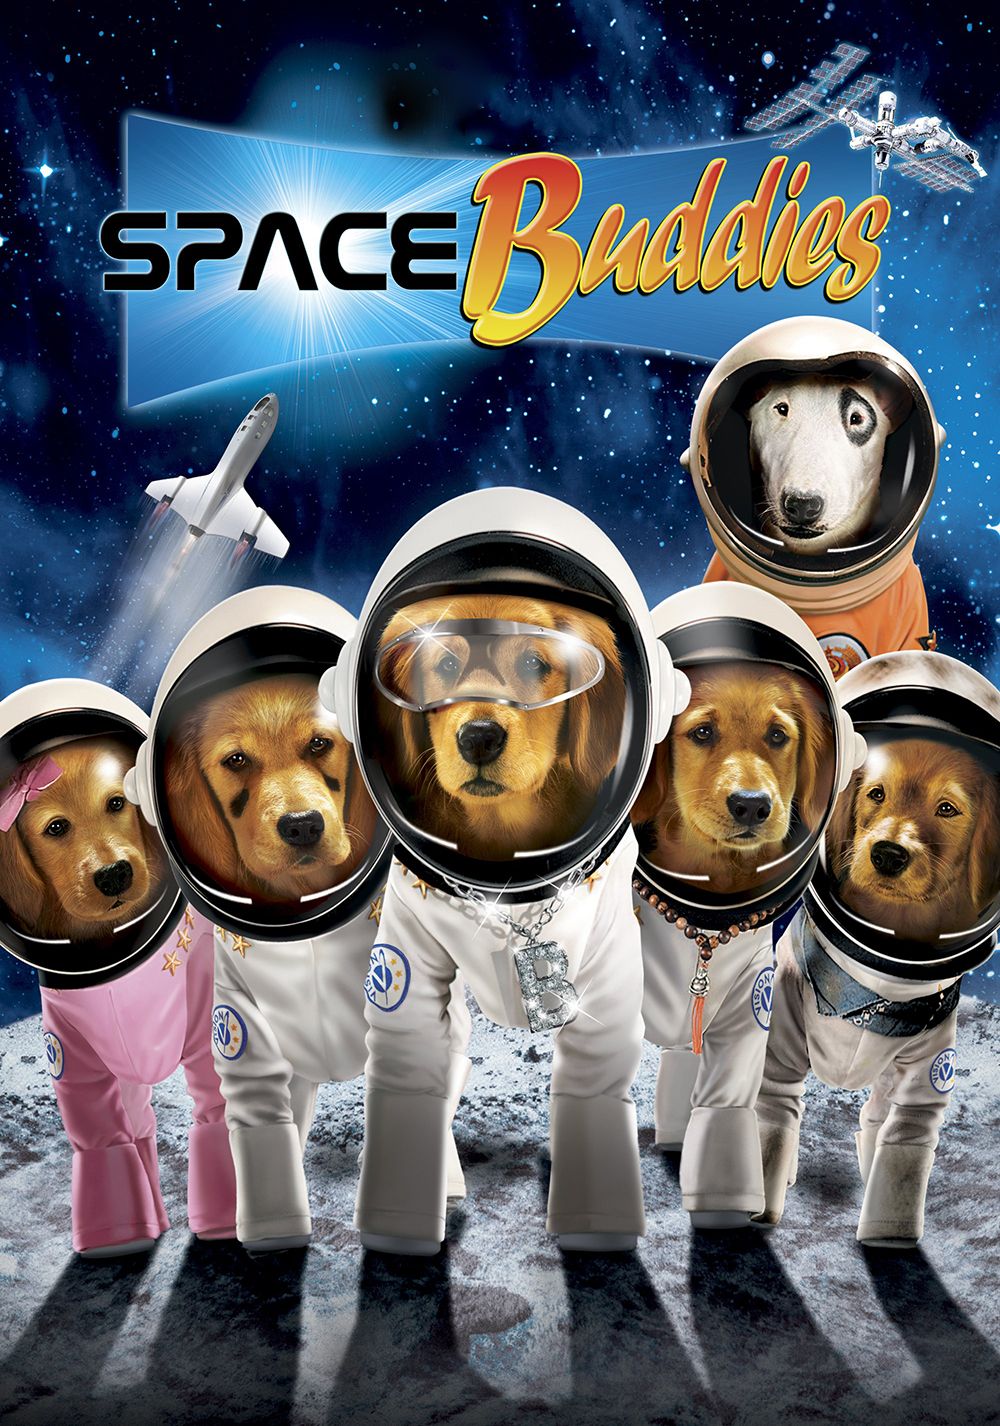 File:Space Buddies.jpg